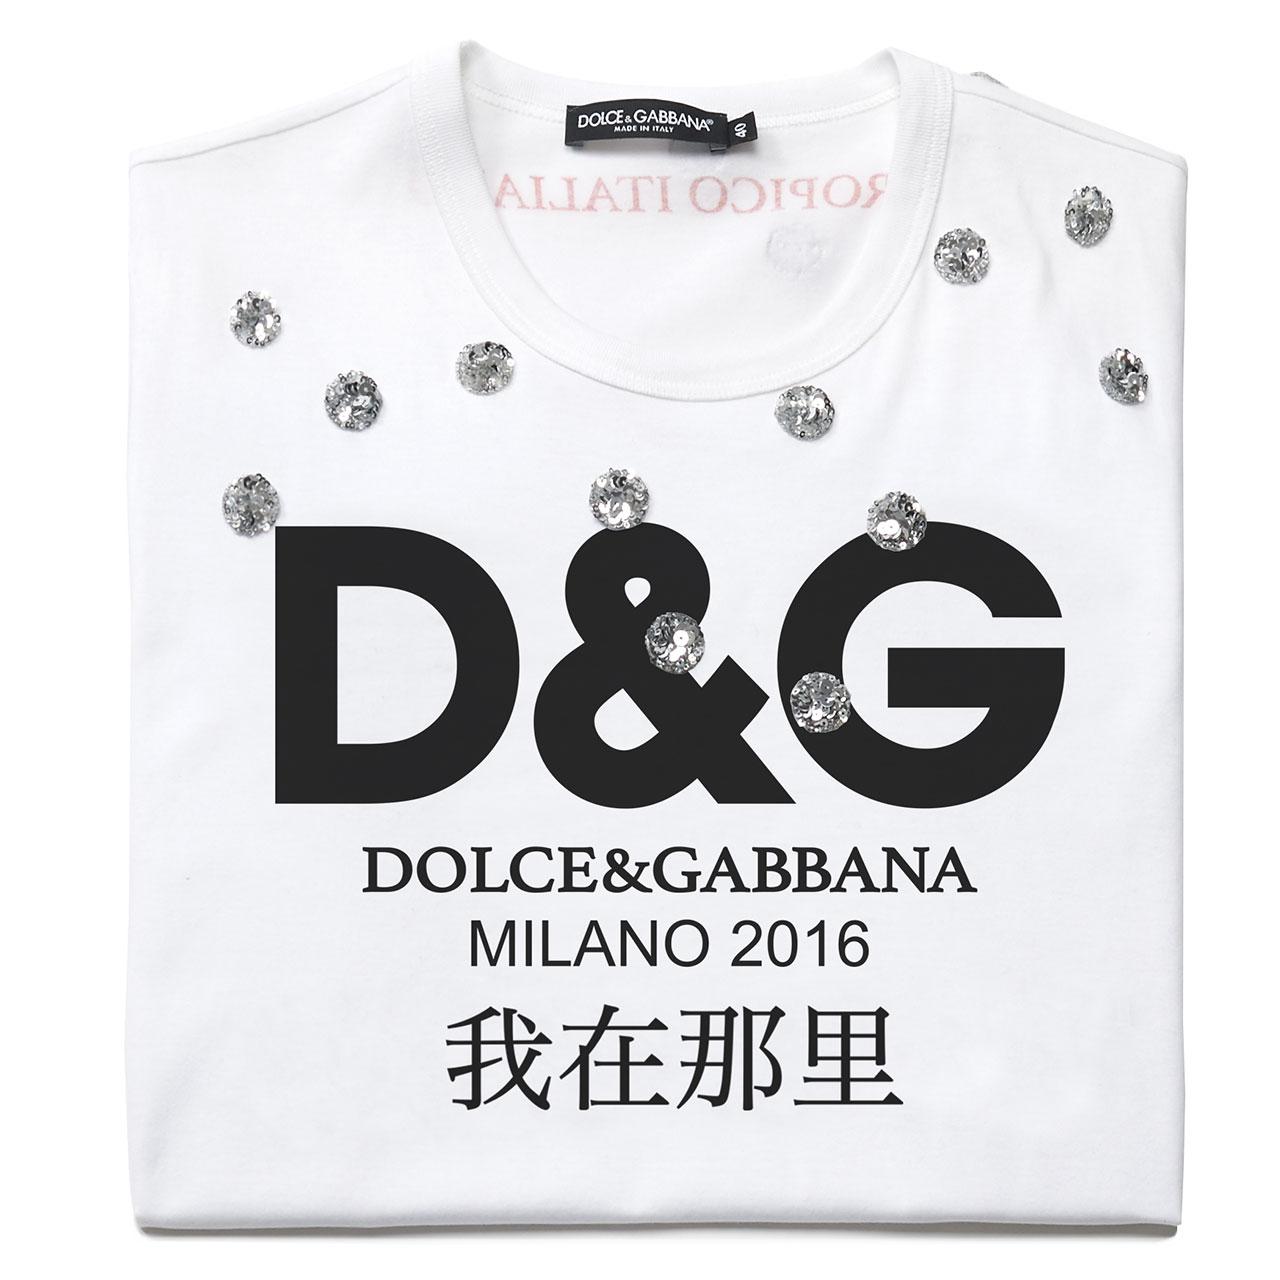 DG_image4